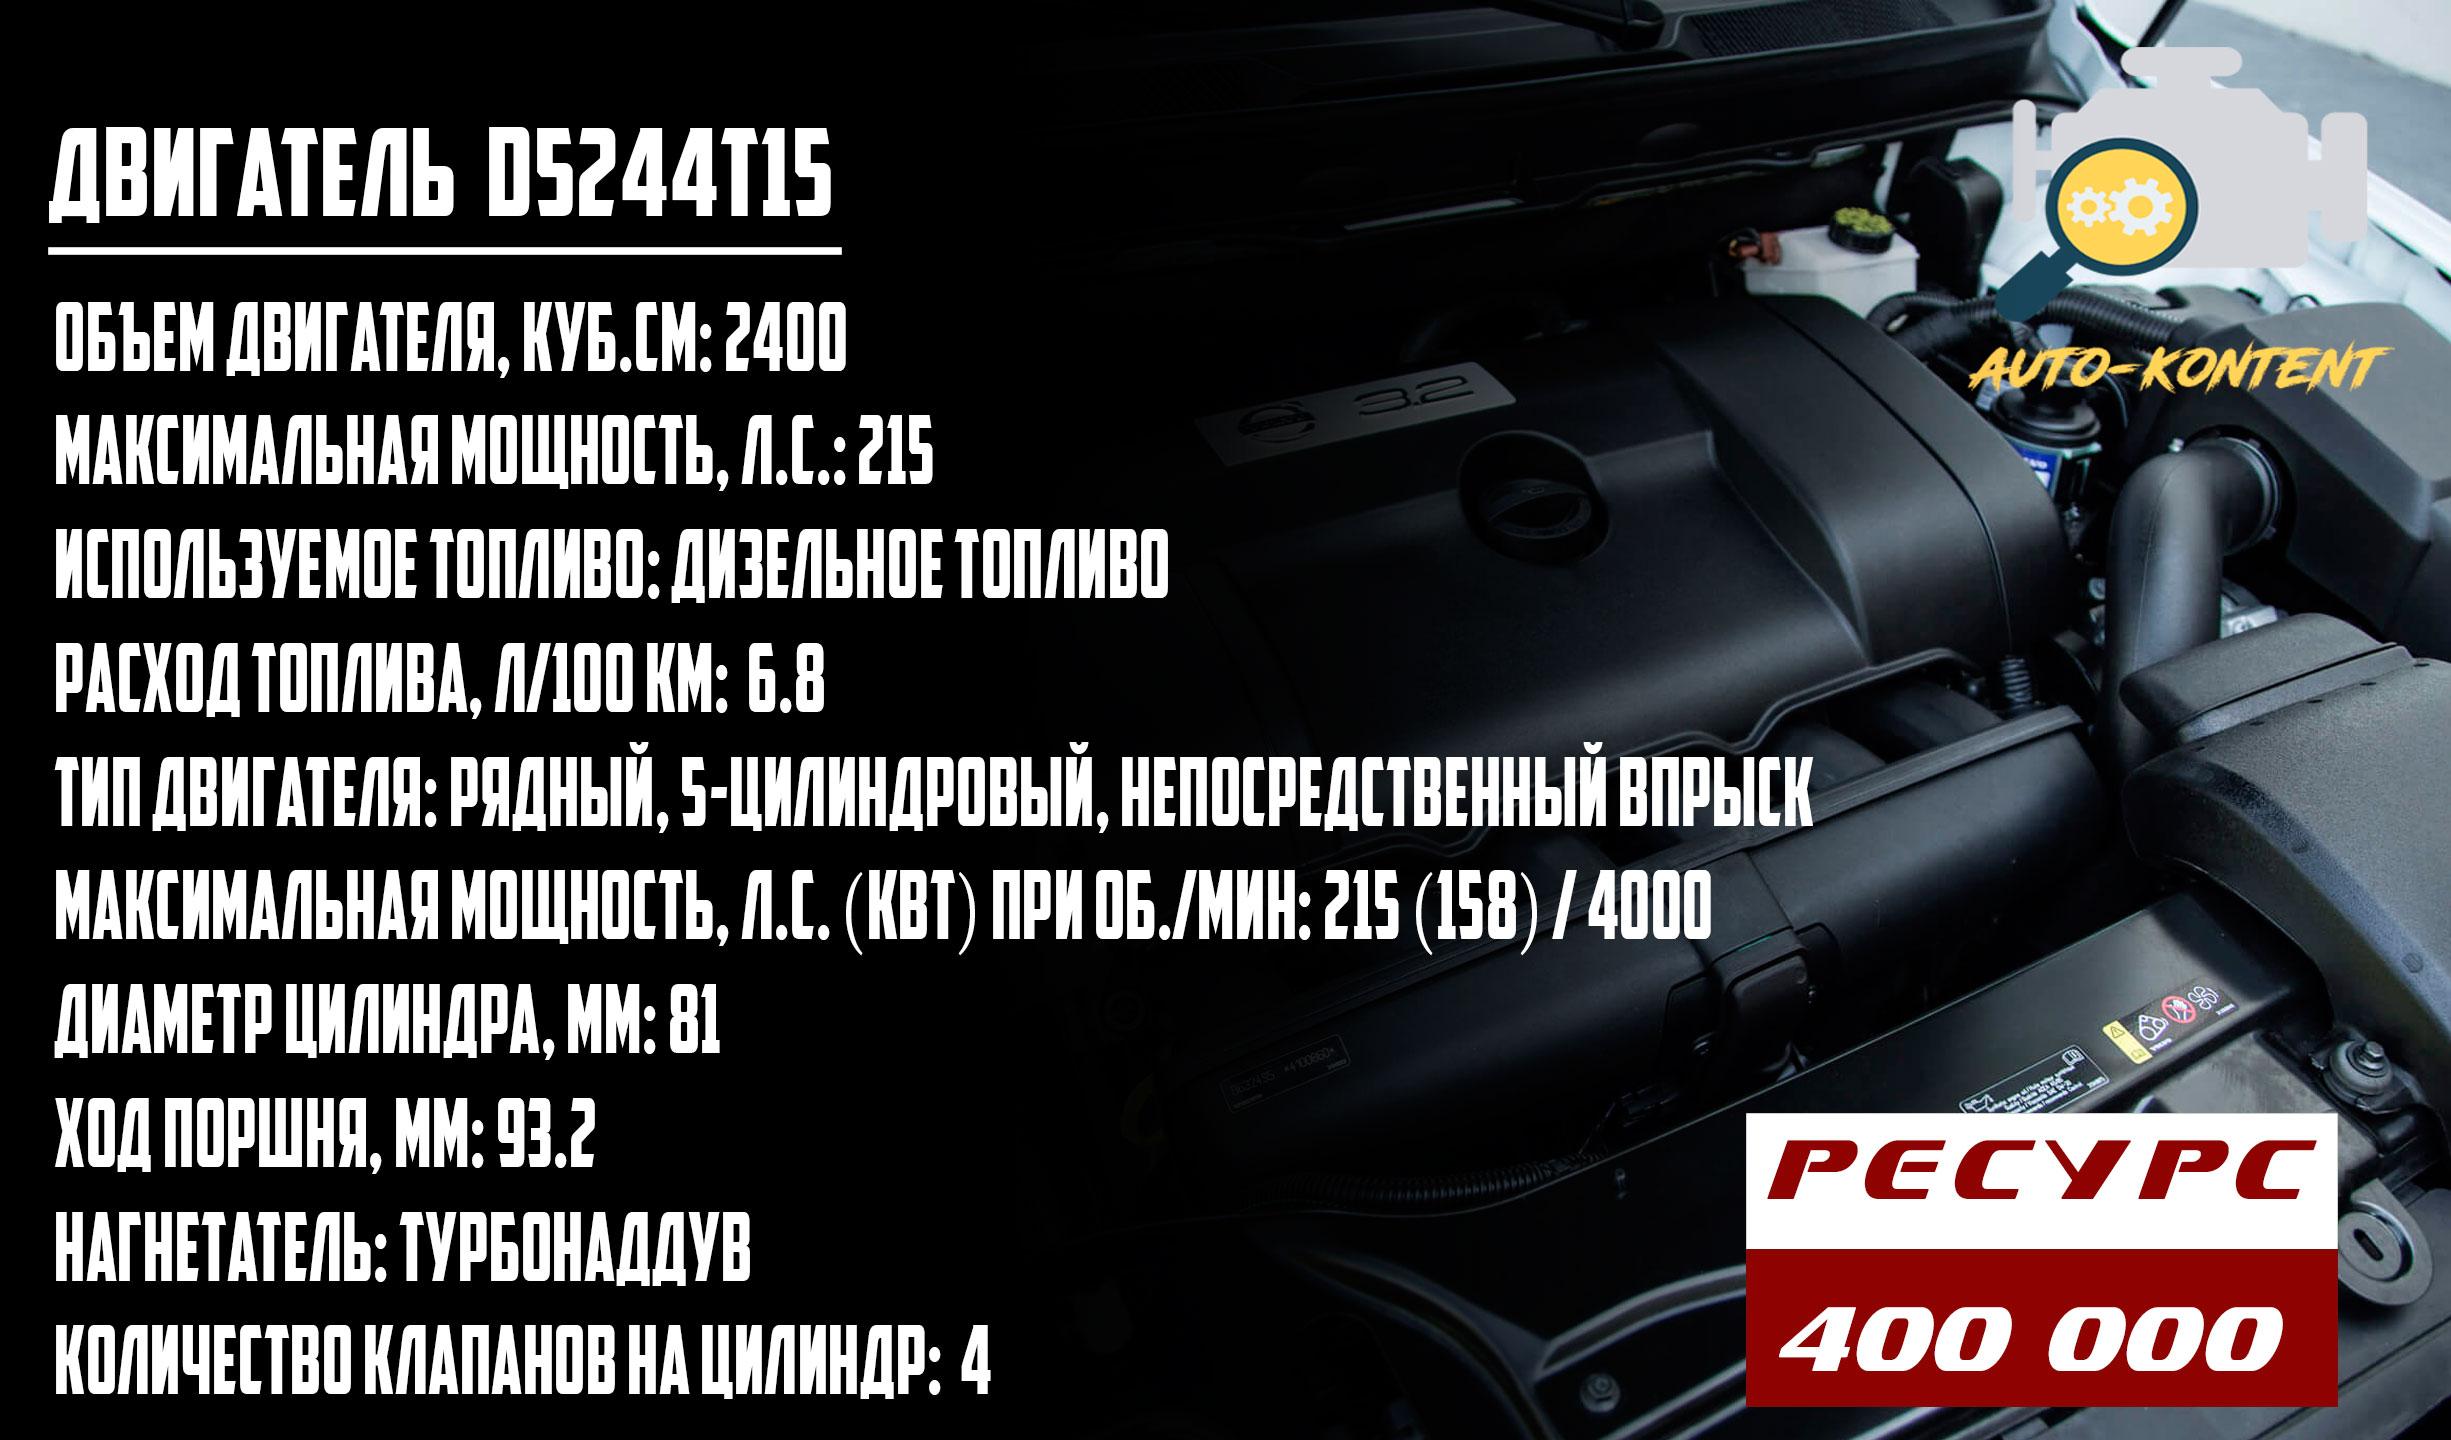 D5244T15